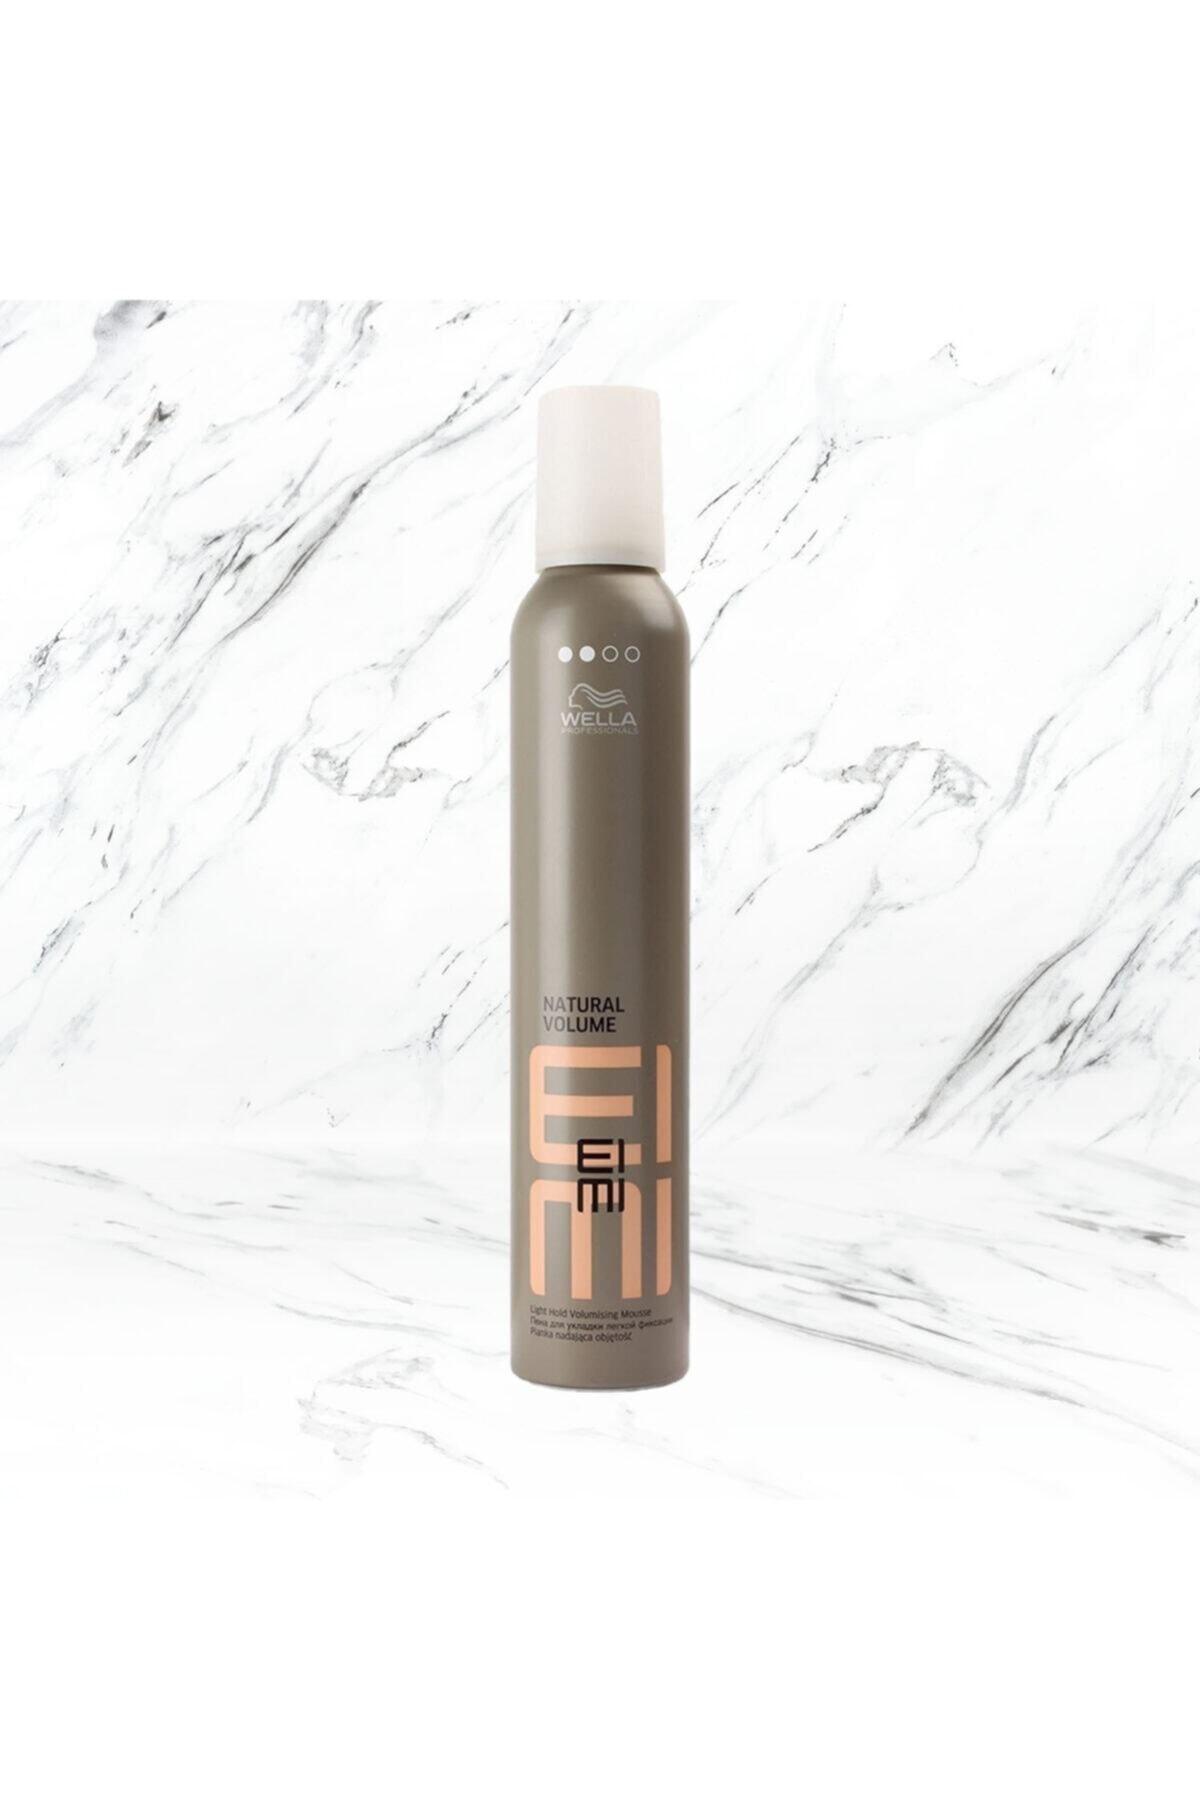 Wella Eımı Natural Volume Hafif Tutuşlu Saç Köpüğü 300ml 1